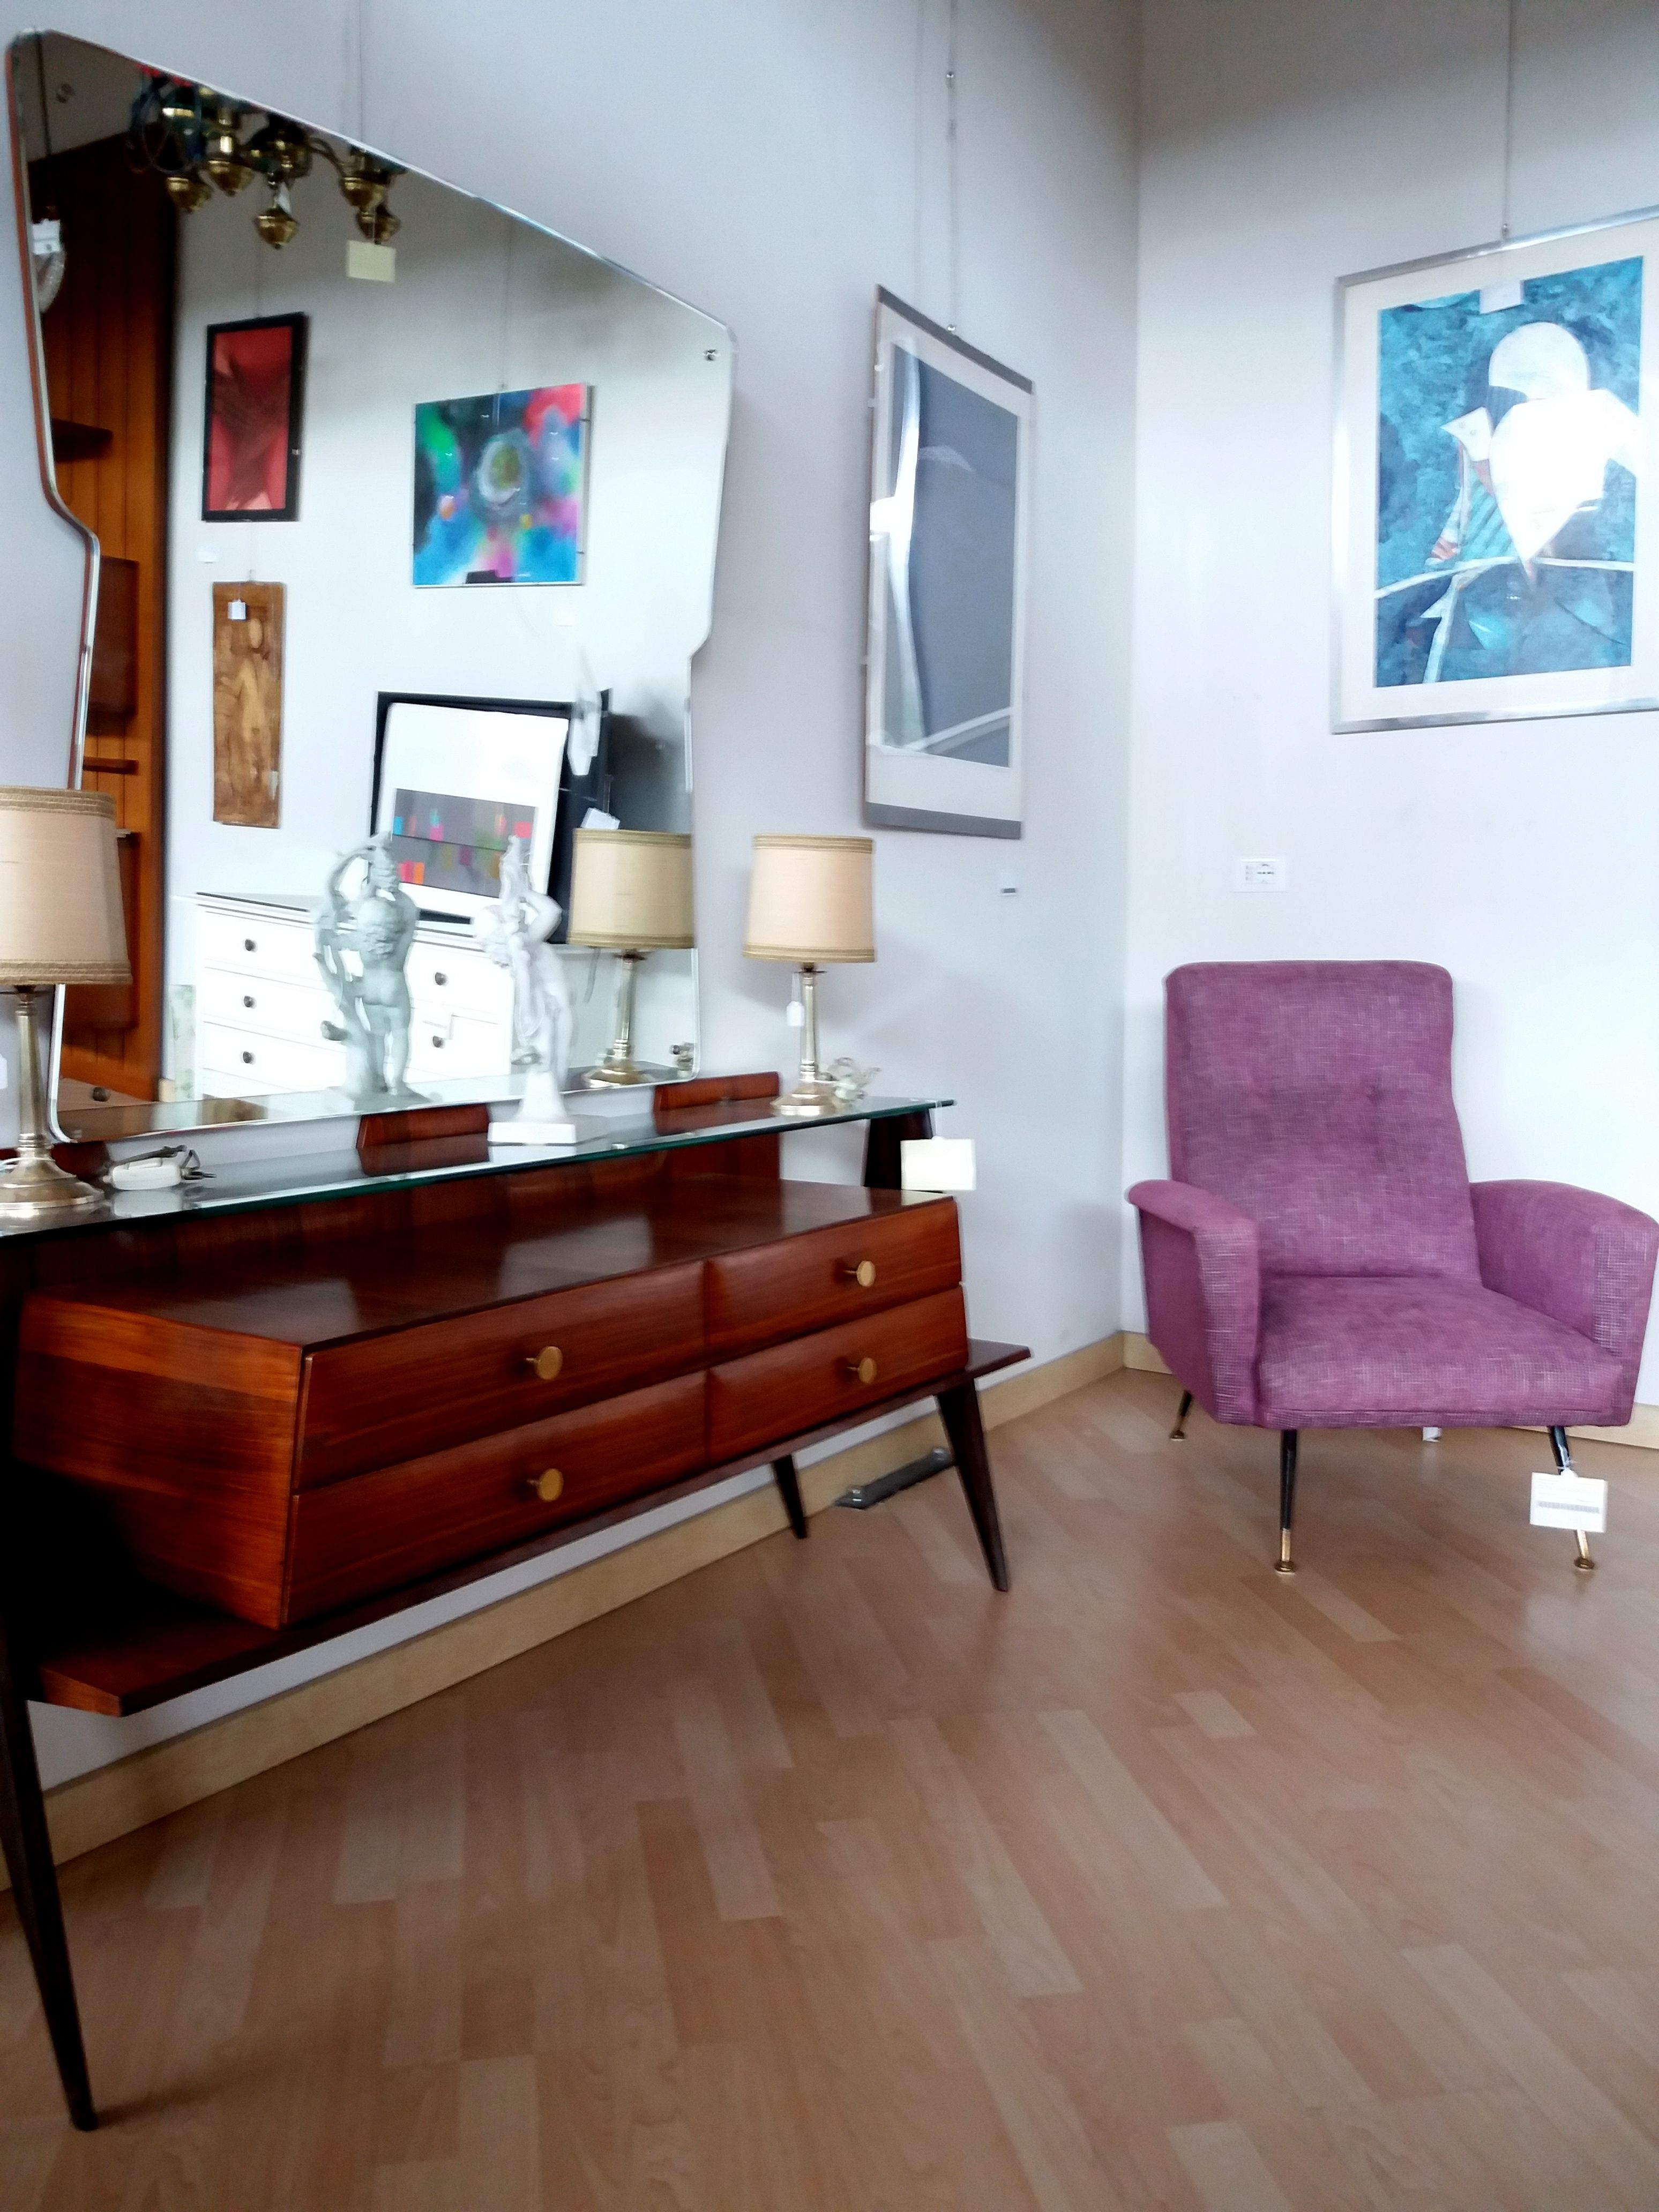 ispirazione interior design con arredamento vintage di